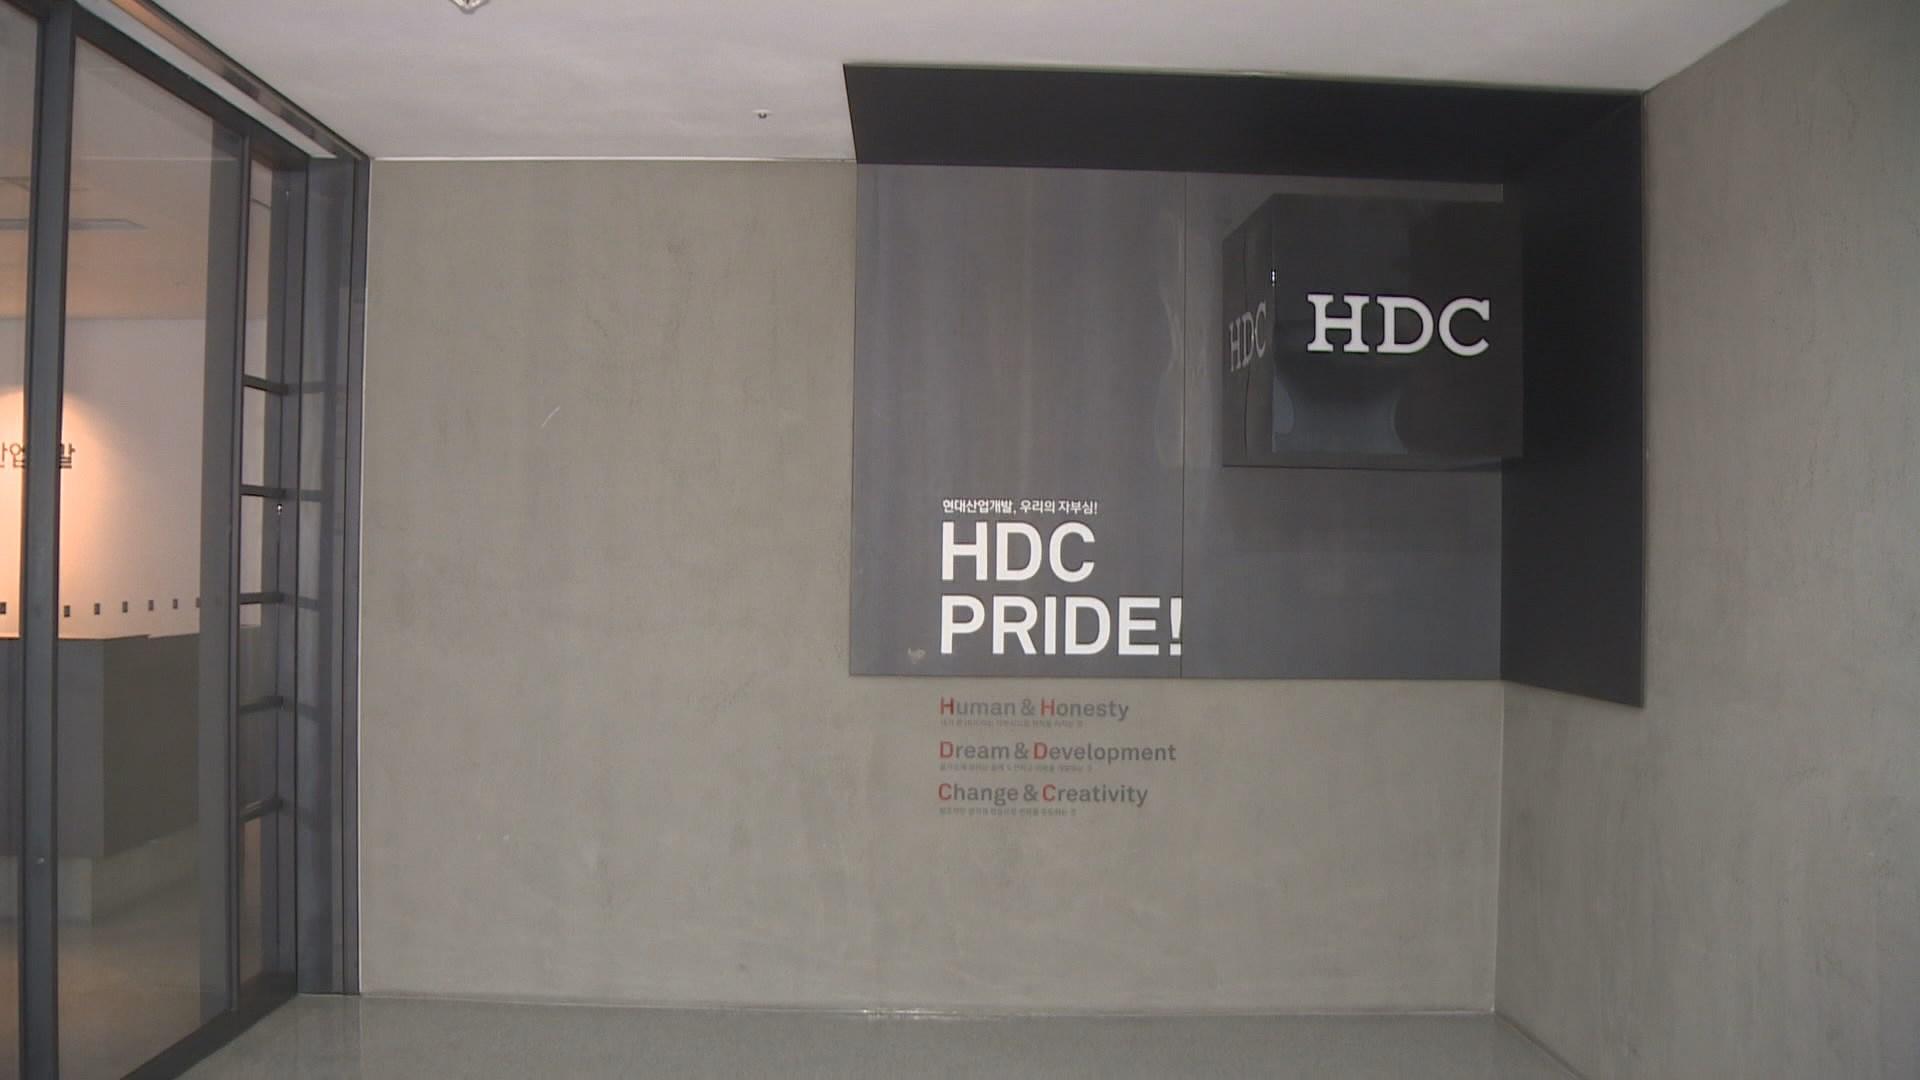 HDC현산, 재실사 전제 대표간 협상 역제안